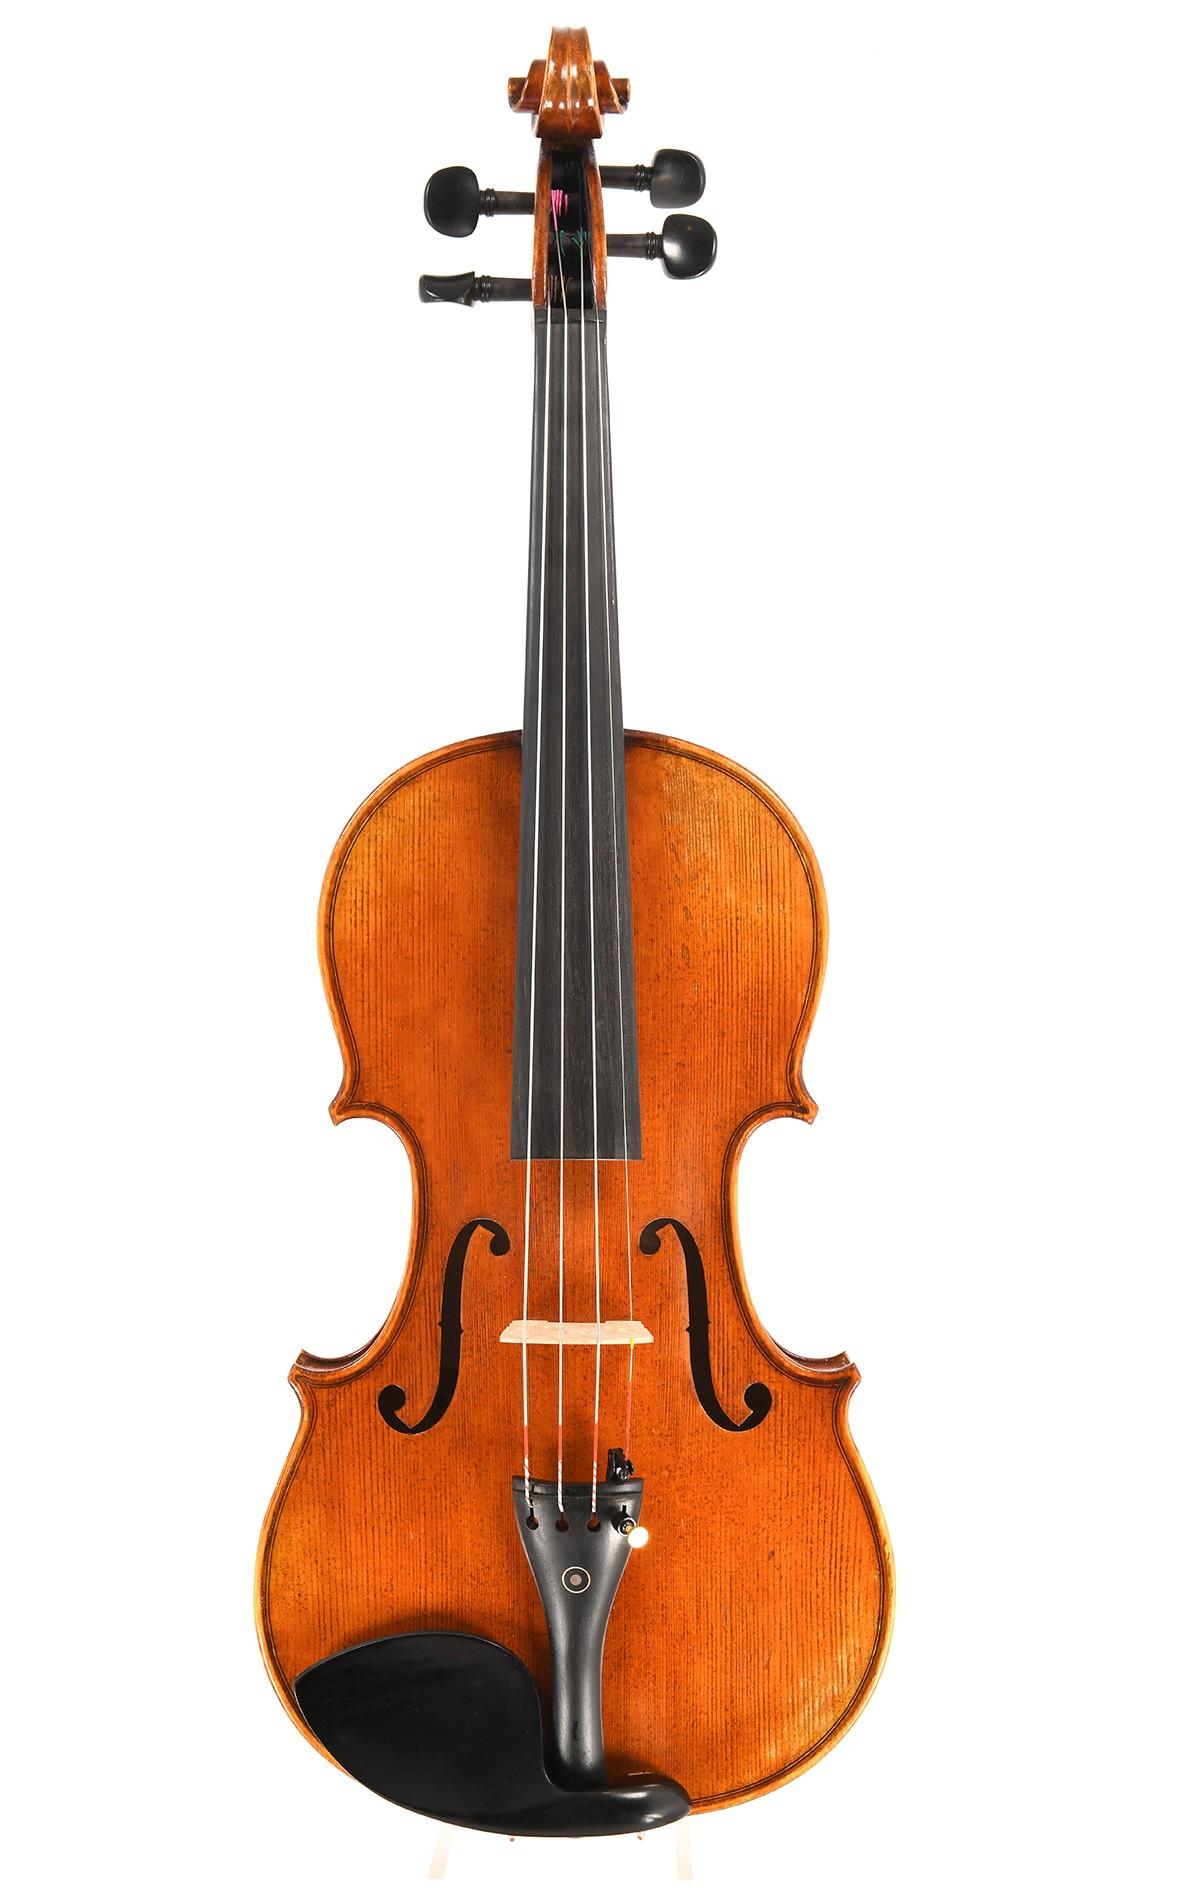 CV Selectio violin opus 11